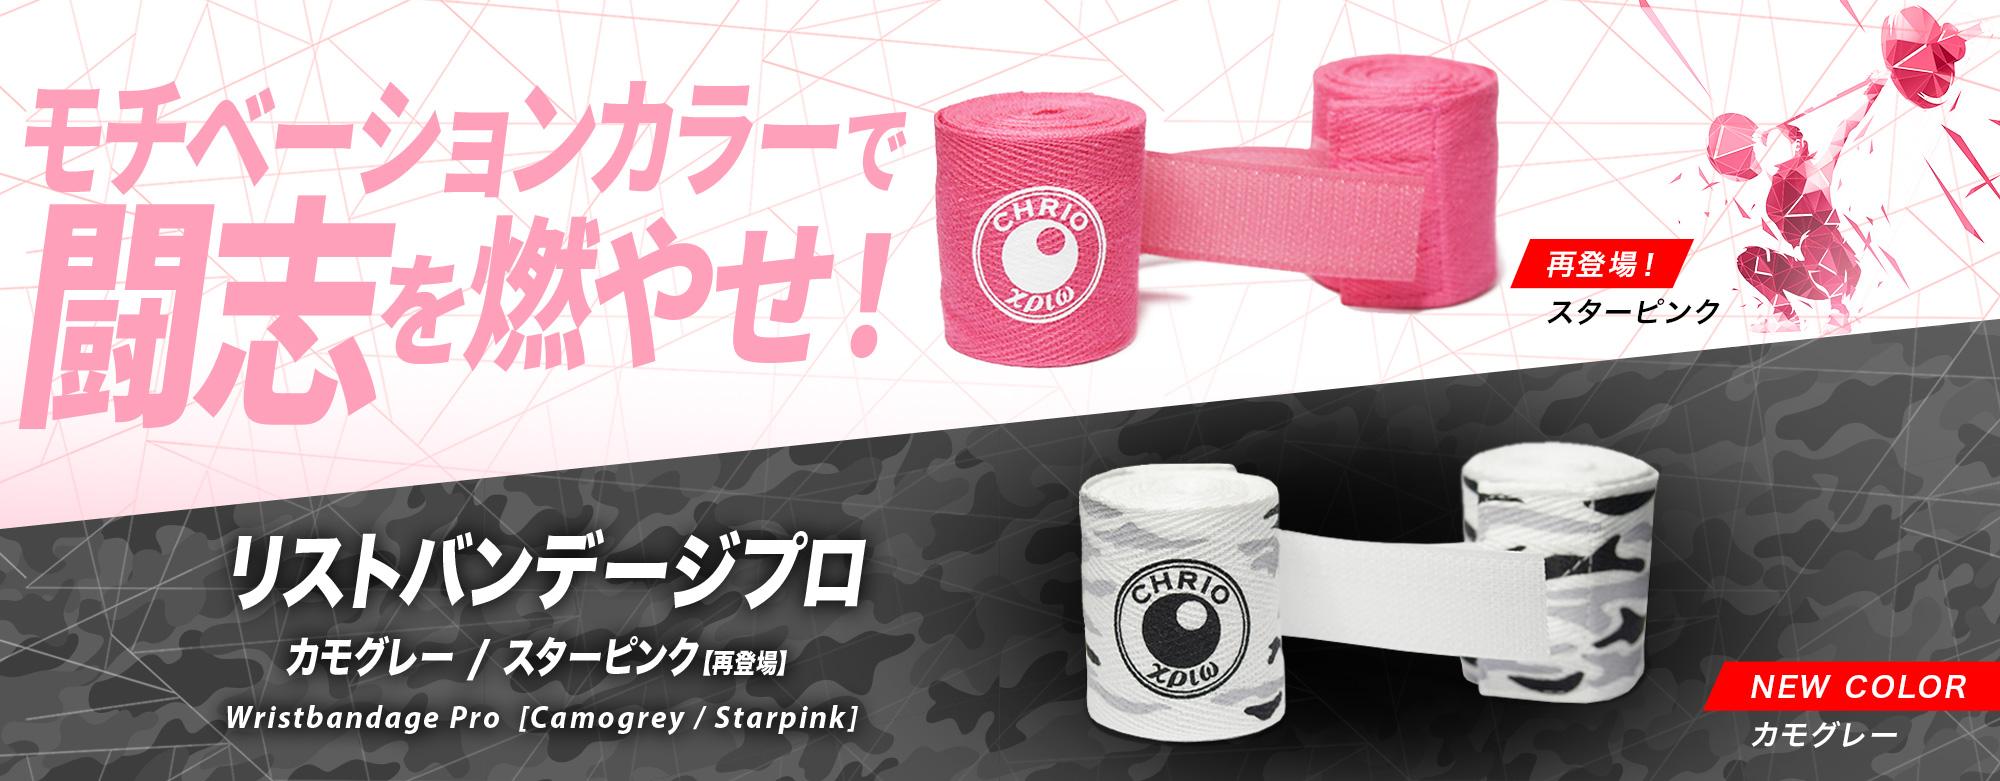 2021【マッサージオイルベーシック1+1 キャンペーン】開催